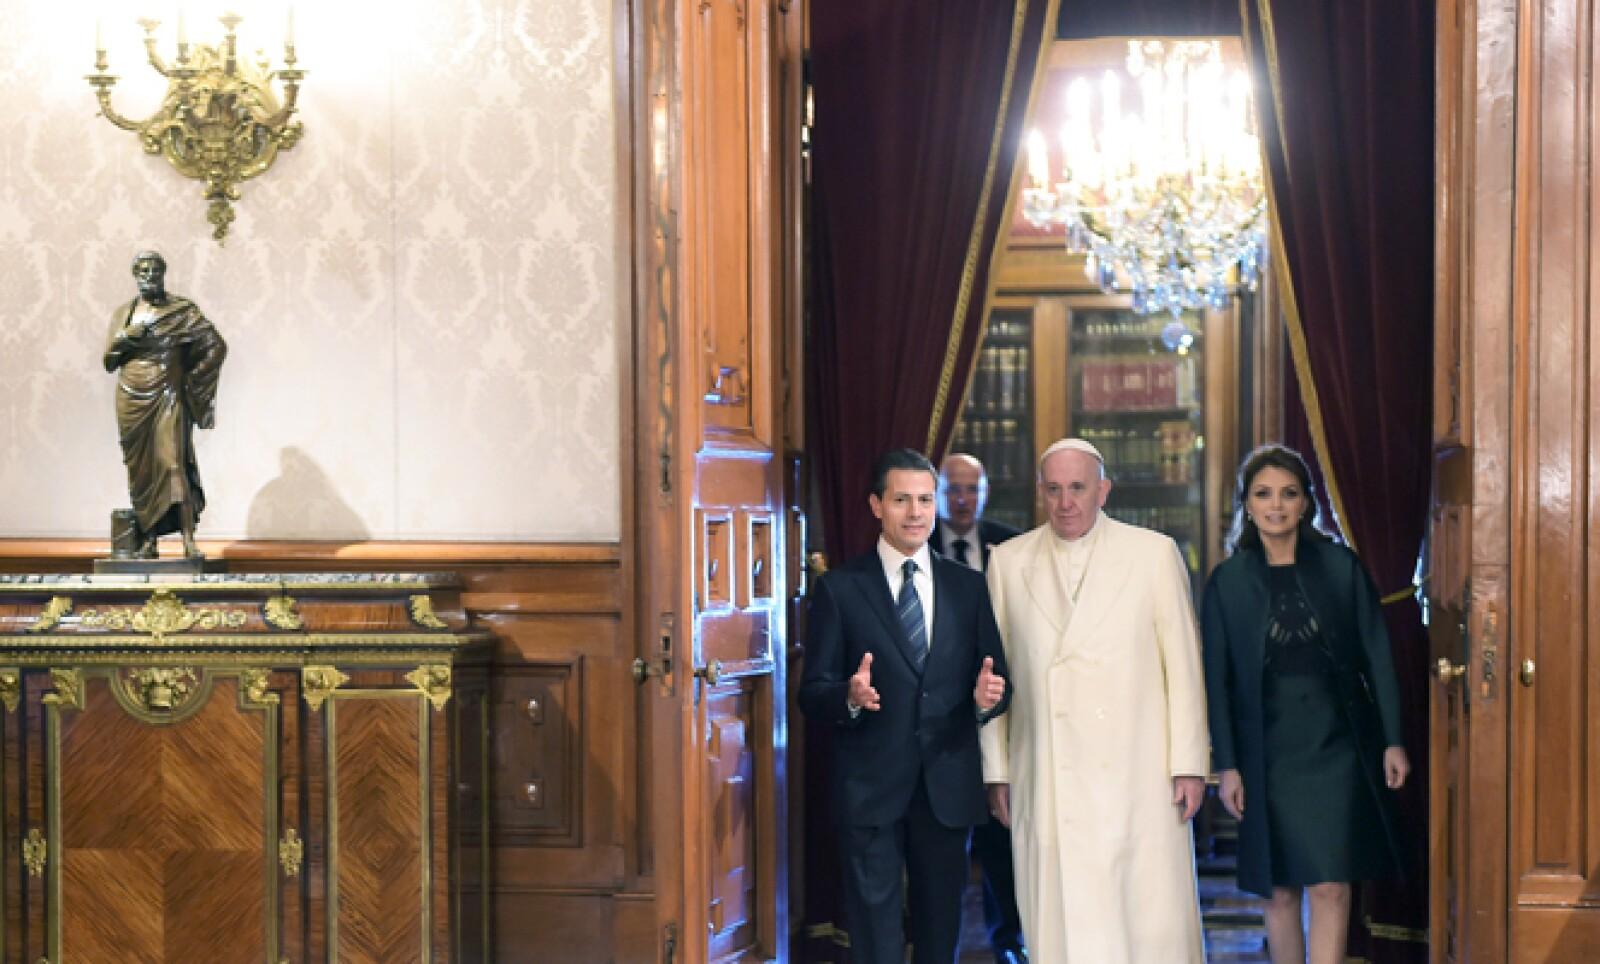 Peña Nieto y su esposa Angélica Rivera dieron un recorrido por el recinto para mostrarle detalles del lugar.